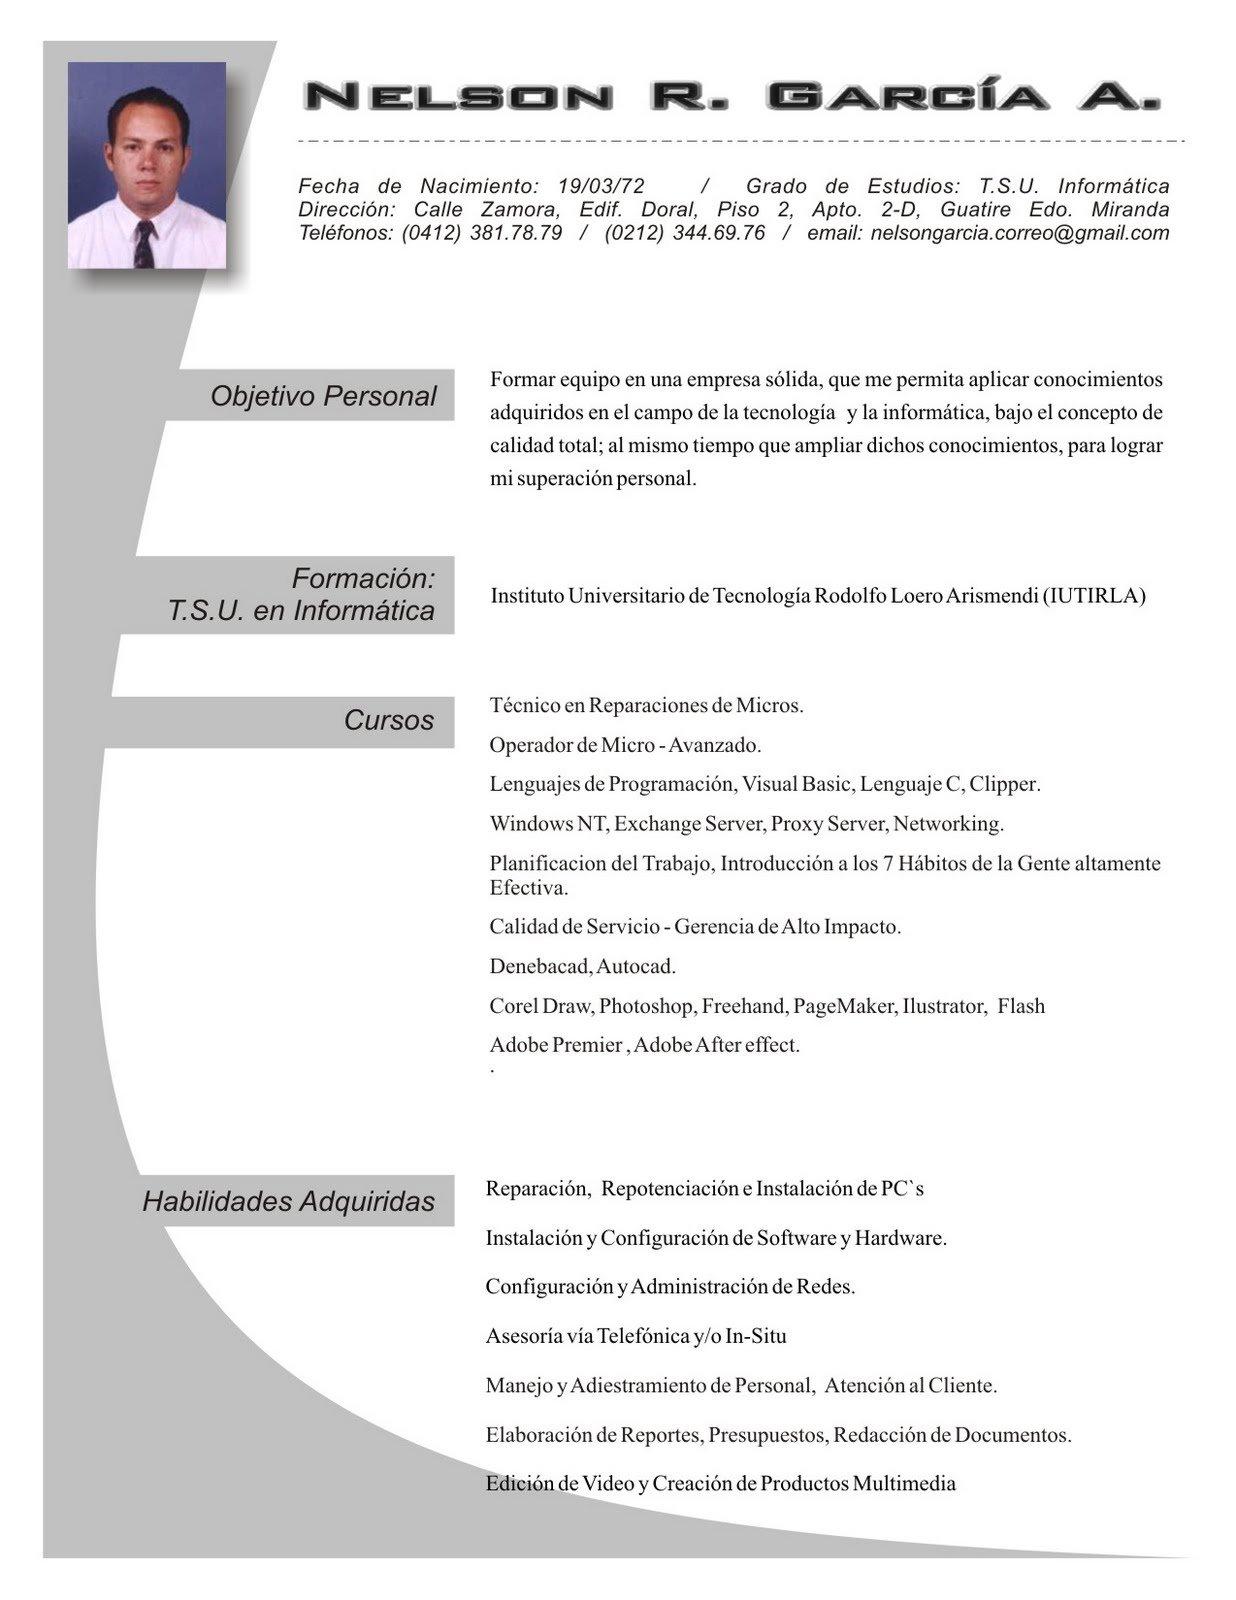 Currículum informática - Ejemplos De